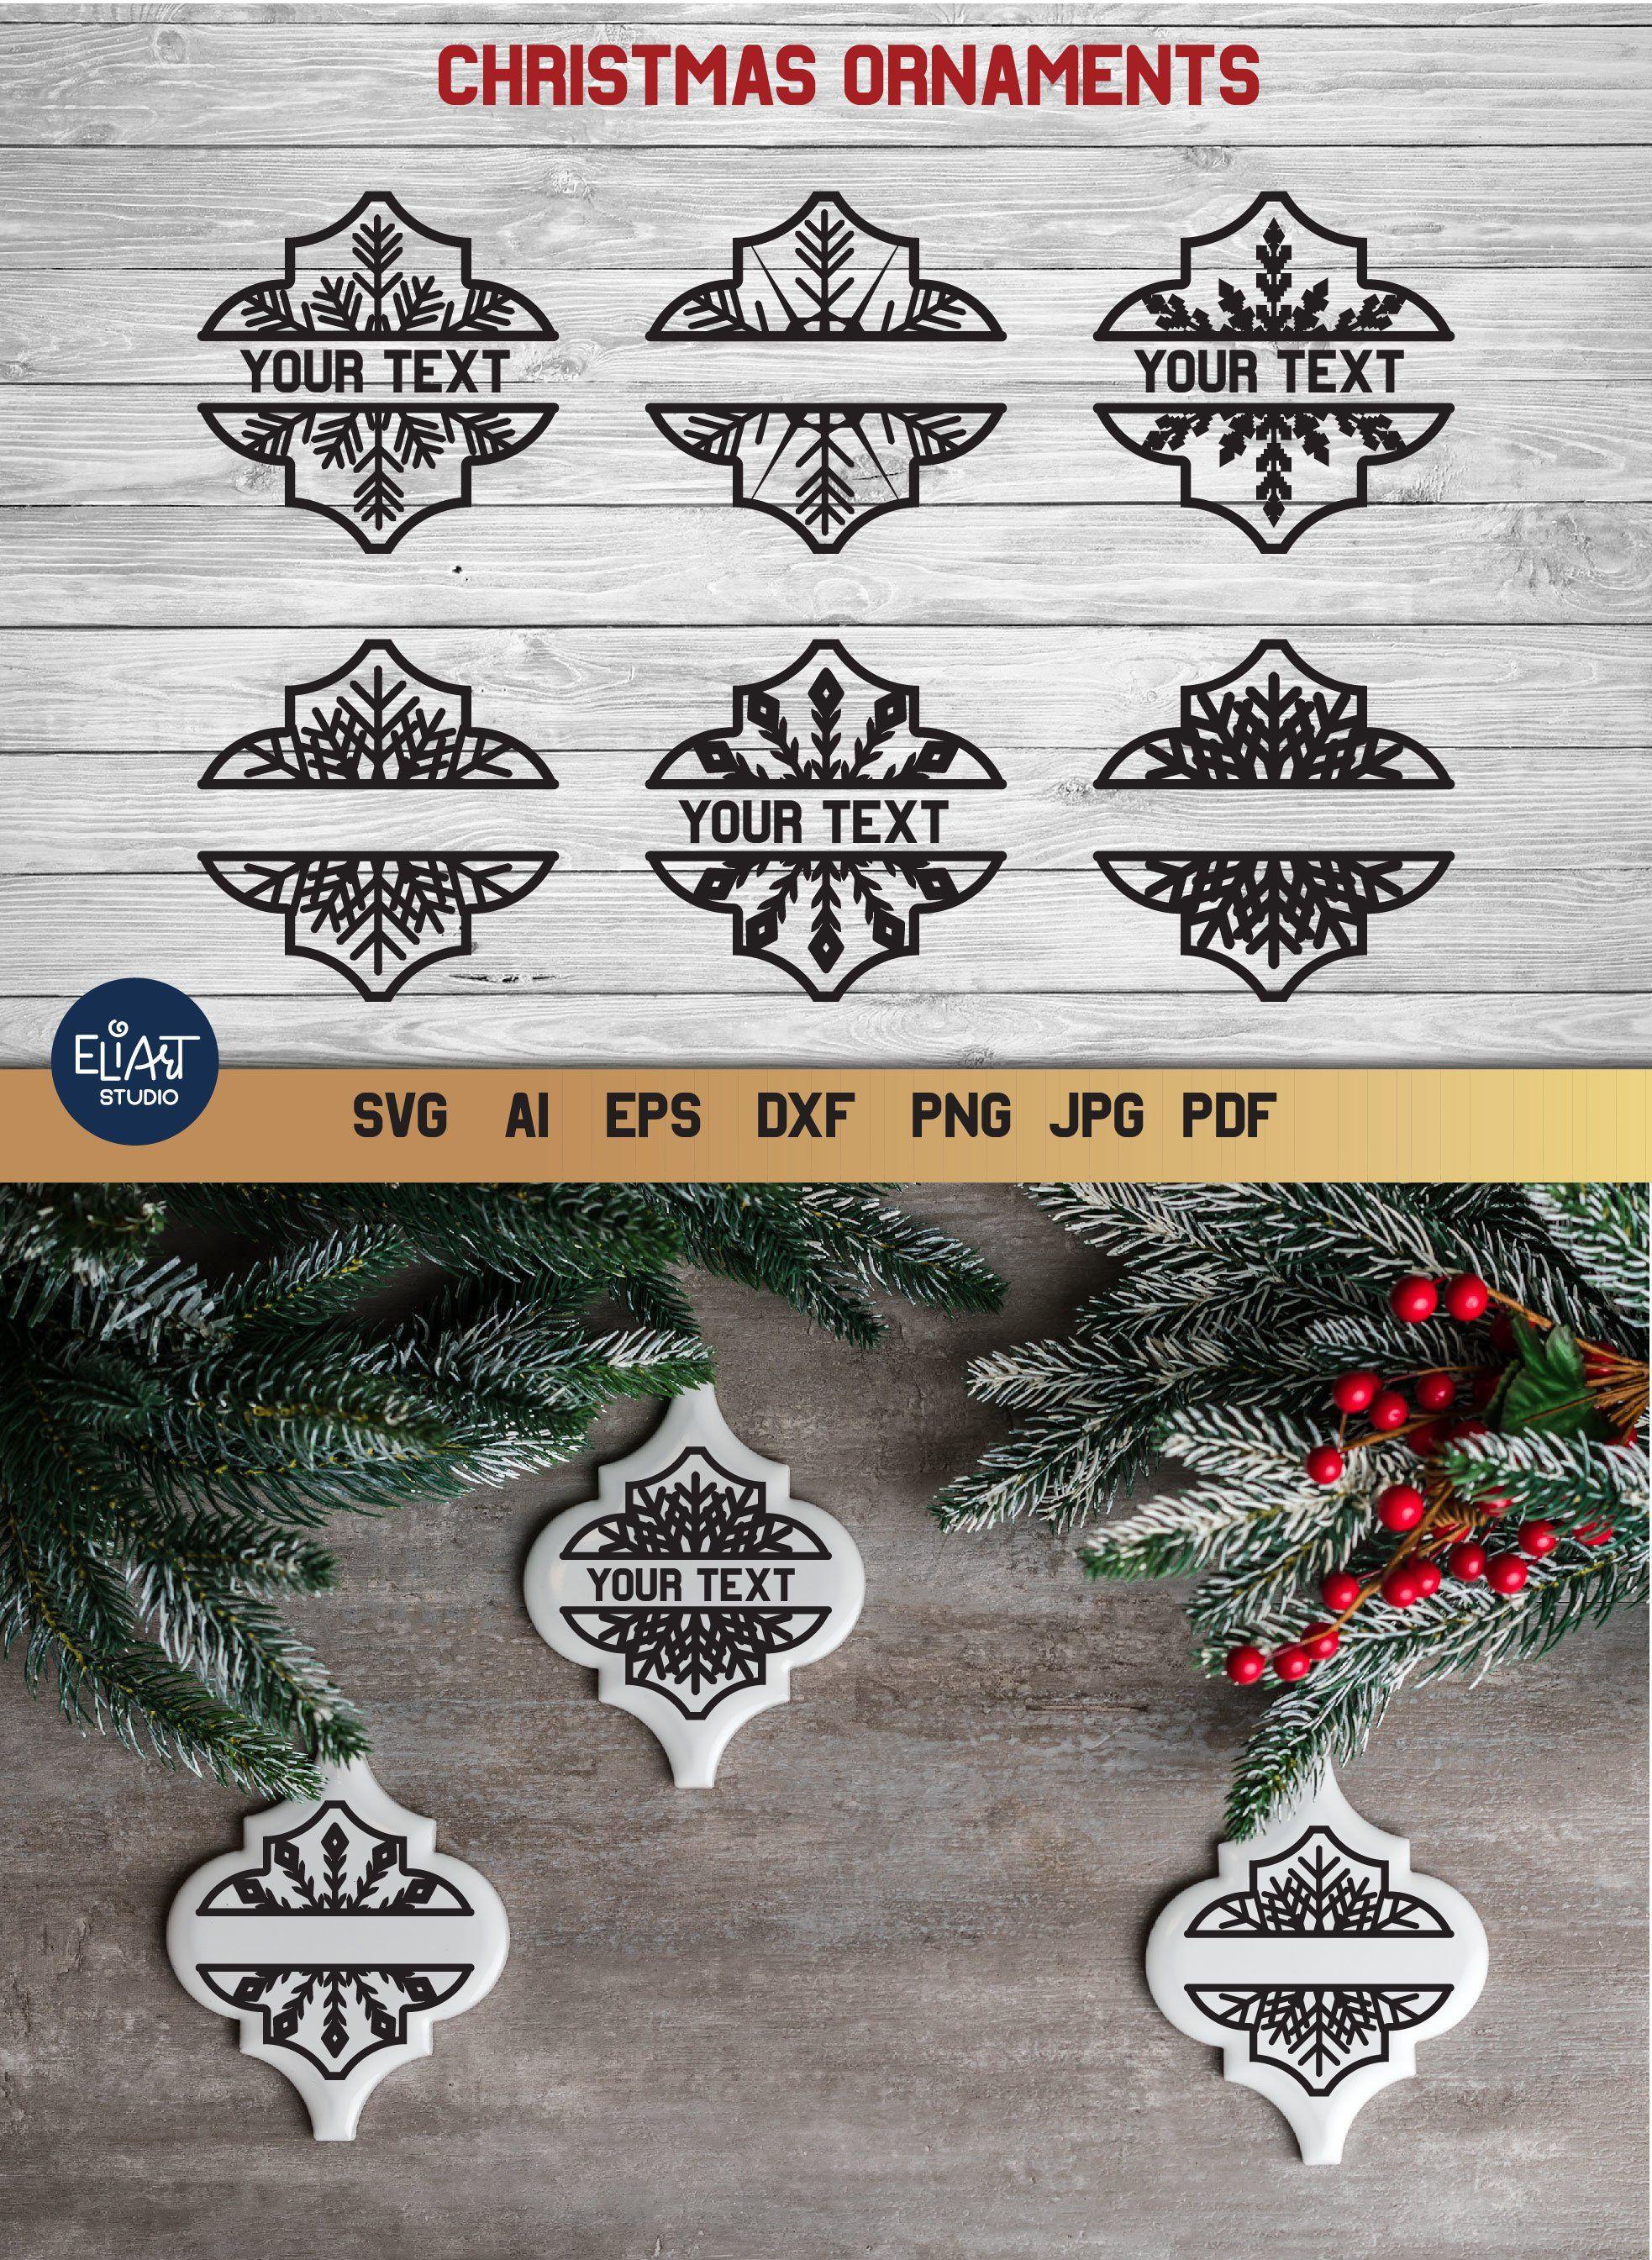 Arabesque Svg Christmas Ornaments Bundle Arabesque Tile 1036612 Illustrations Design Bundles Arabesque Tile Christmas Svg Files Arabesque